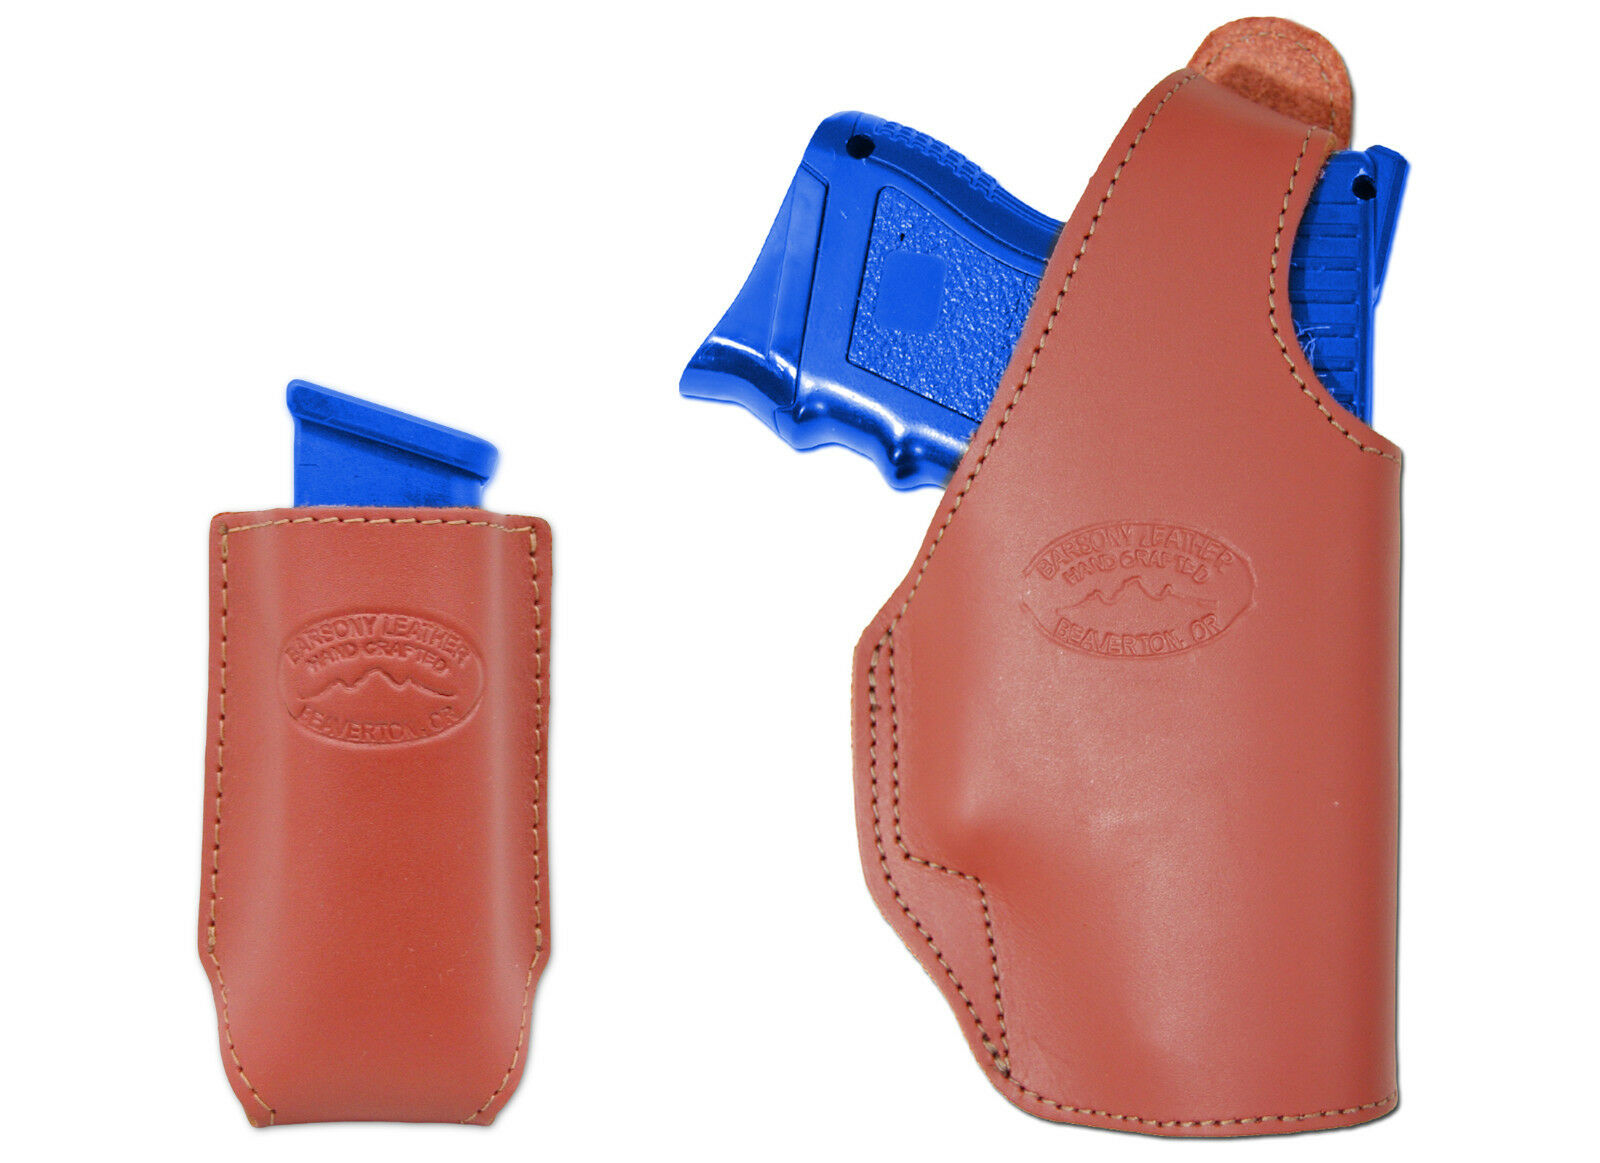 Nuevo barsony Cuero Burdeos Owb cinturón pistolera + bolsa del Mag Cz, CEA Comp 9mm 40 45